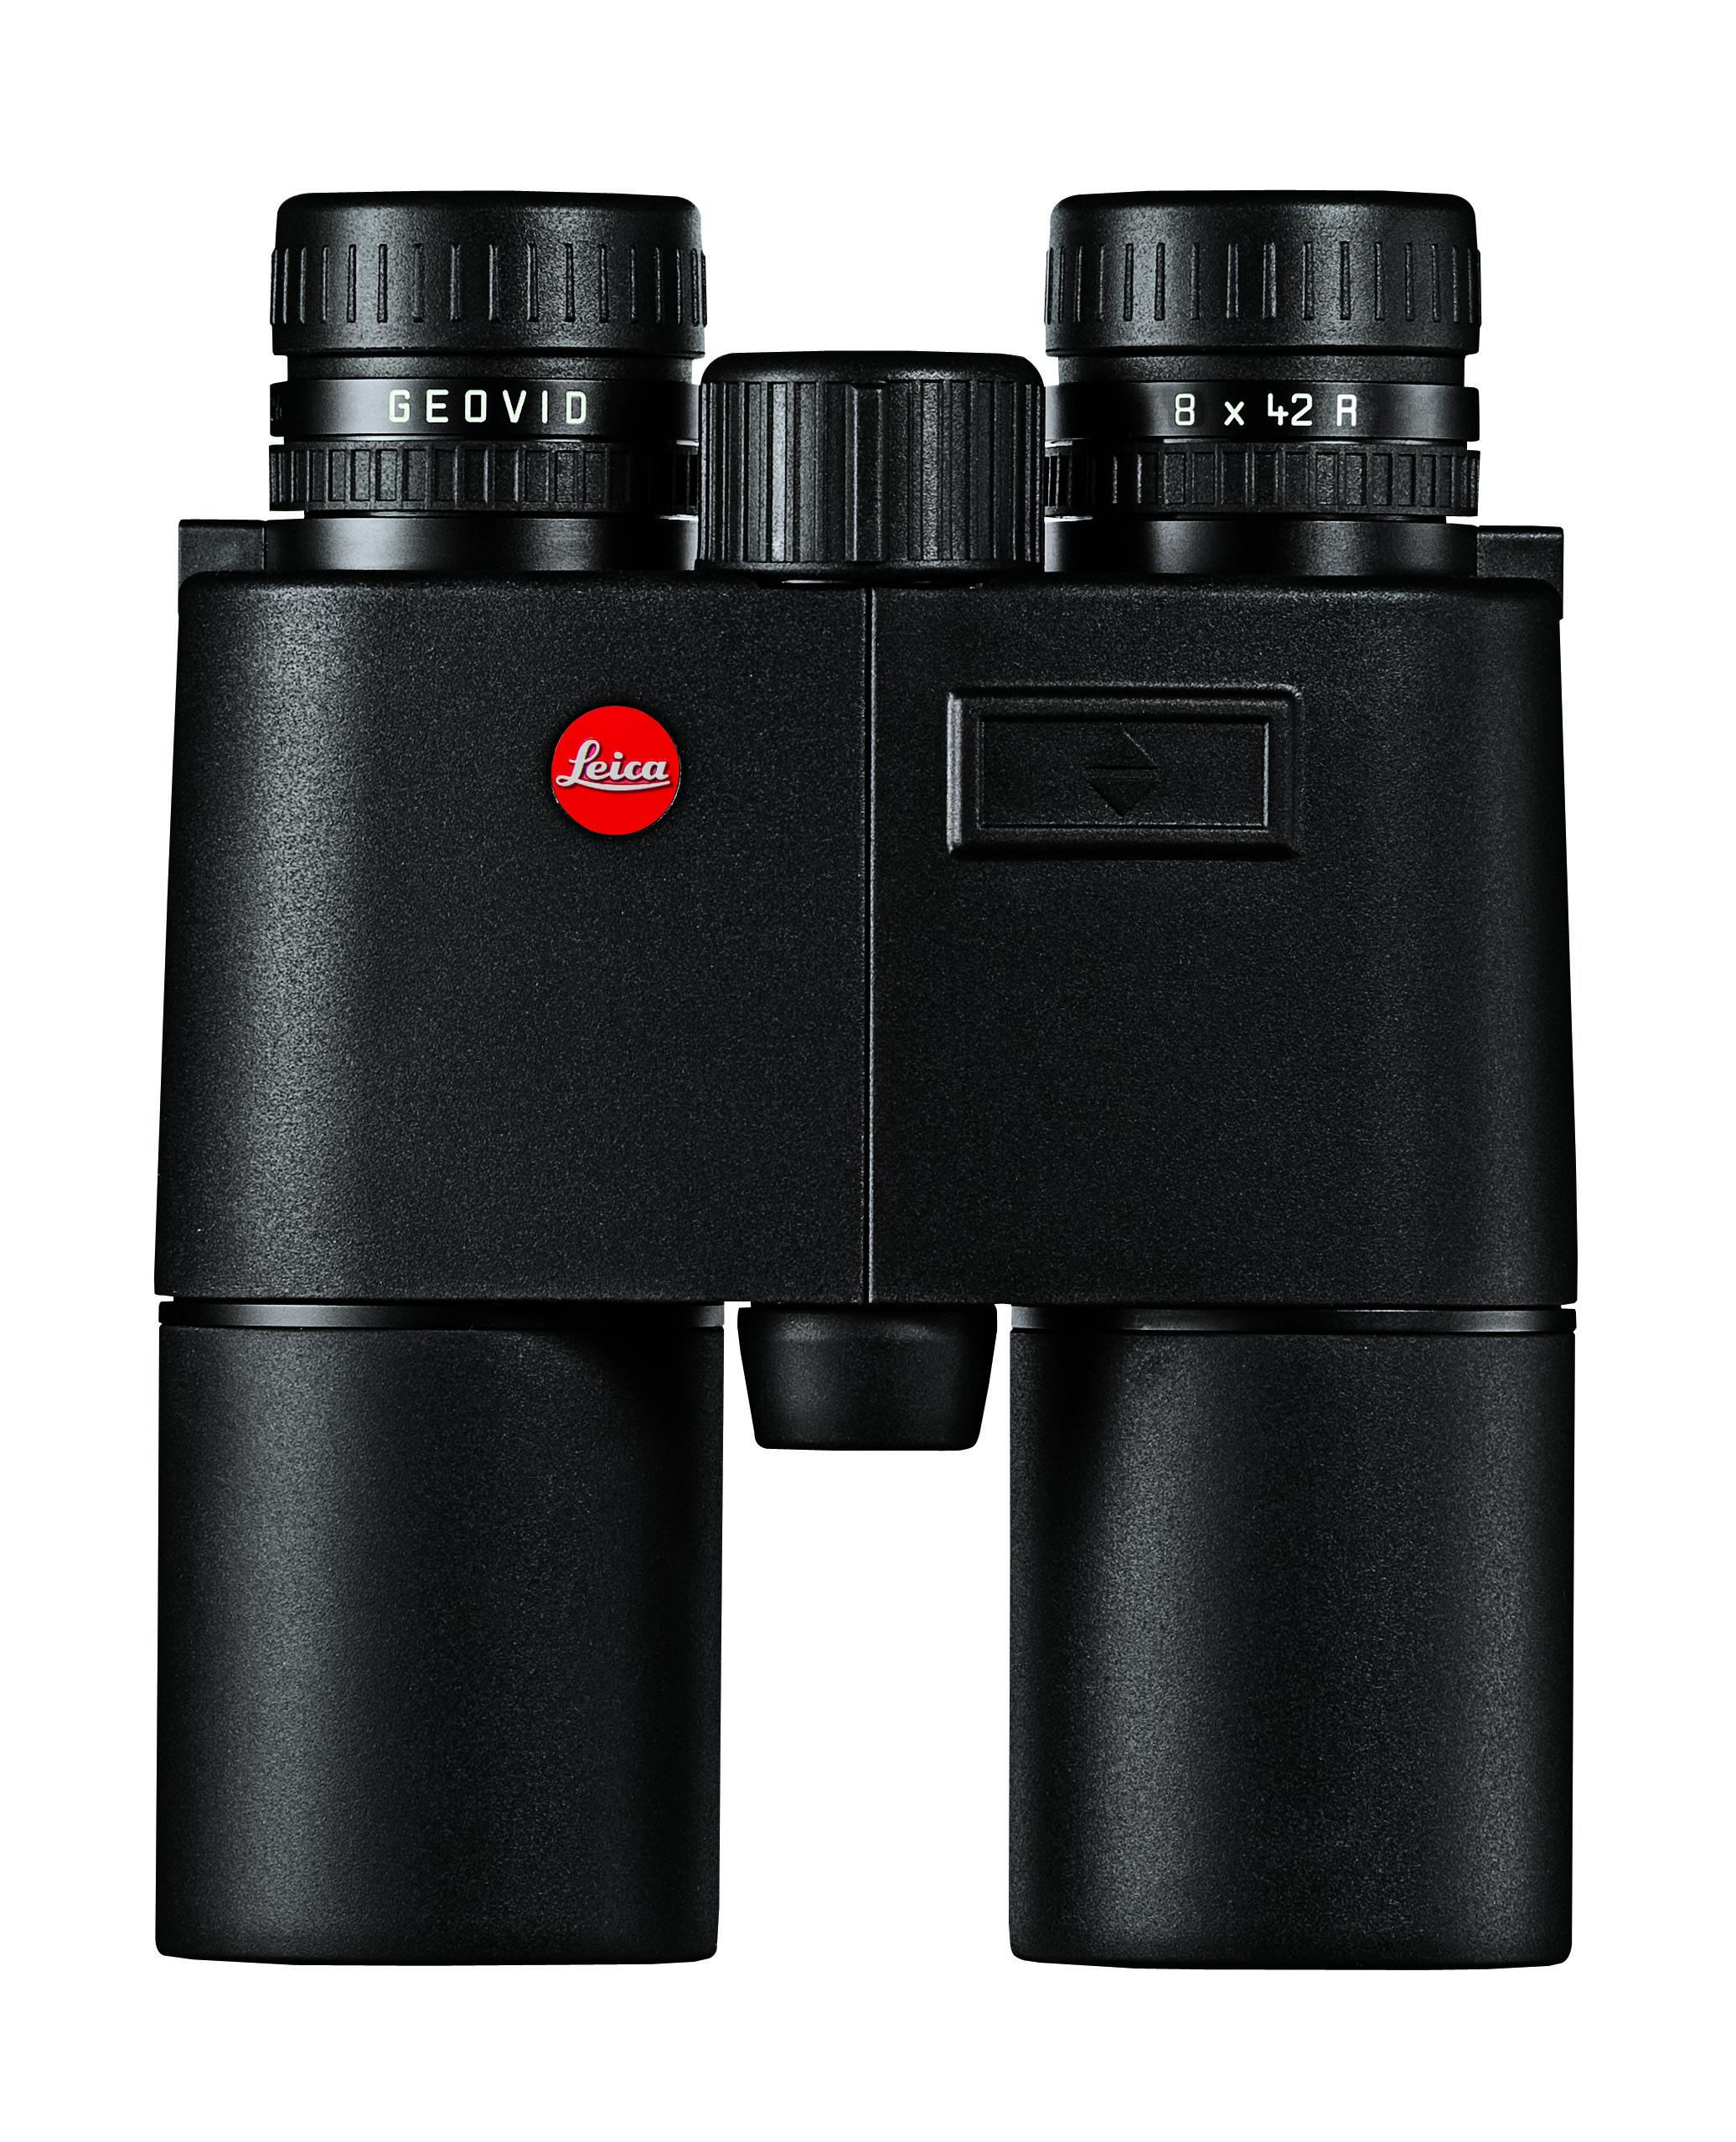 Il Geovid 8x42 R di Leica ha lenti HD, meccanica molto robusta, e funzione di misurazione della distanza compensata con angolo di sito fino alla distanza record di 1100 metri. Prezzo 1795 euro.